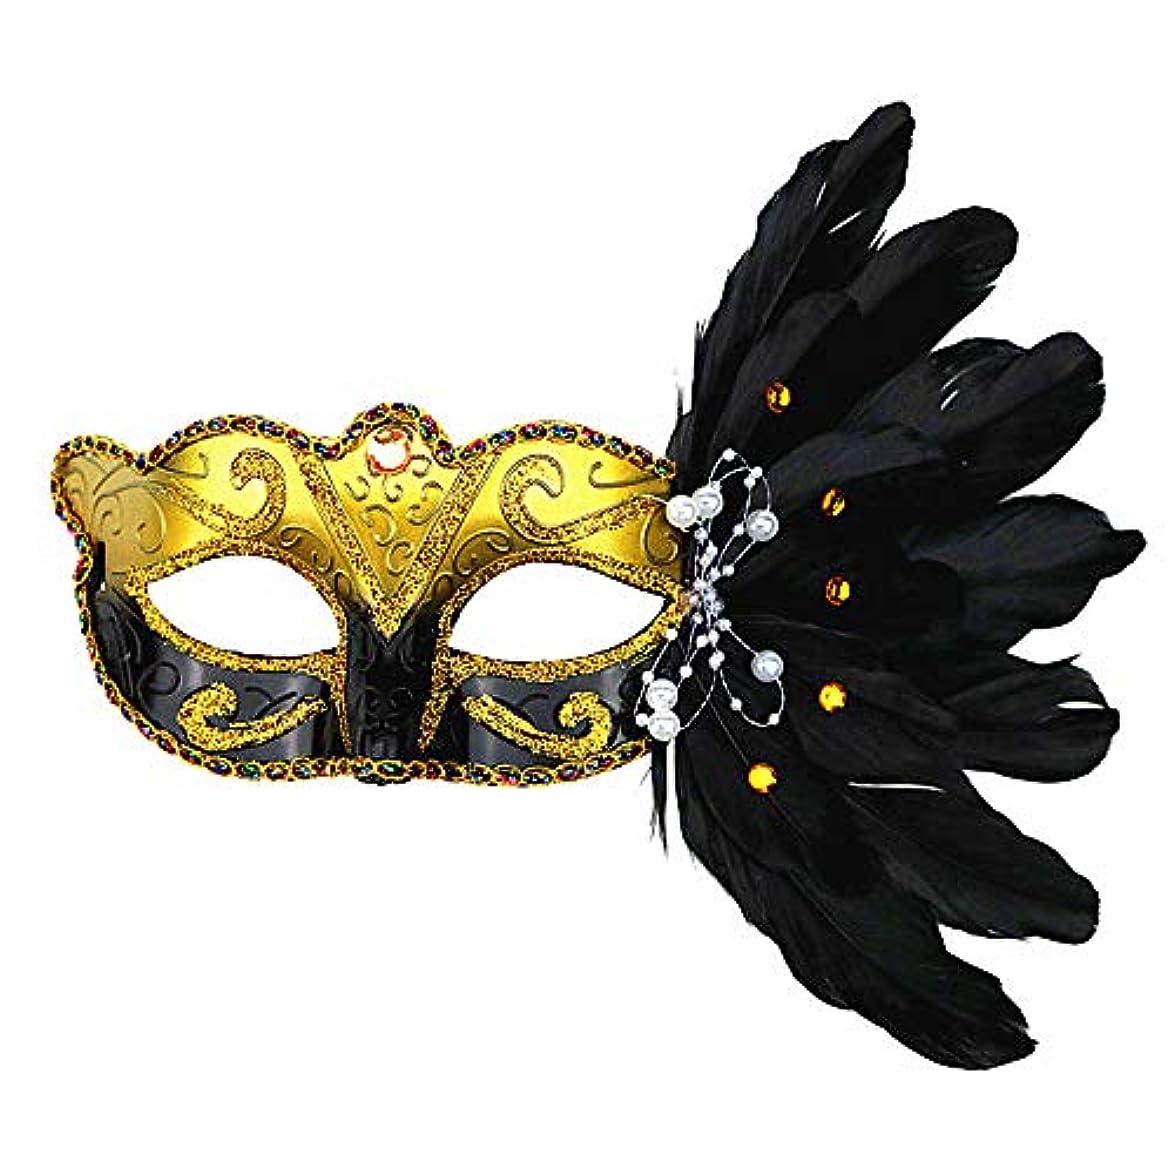 フェンスネイティブ刺激するAuntwhale ハロウィーンマスク大人恐怖コスチューム、ペイントフェザーファンシーマスカレードパーティーハロウィンマスク、フェスティバル通気性ギフトヘッドマスク